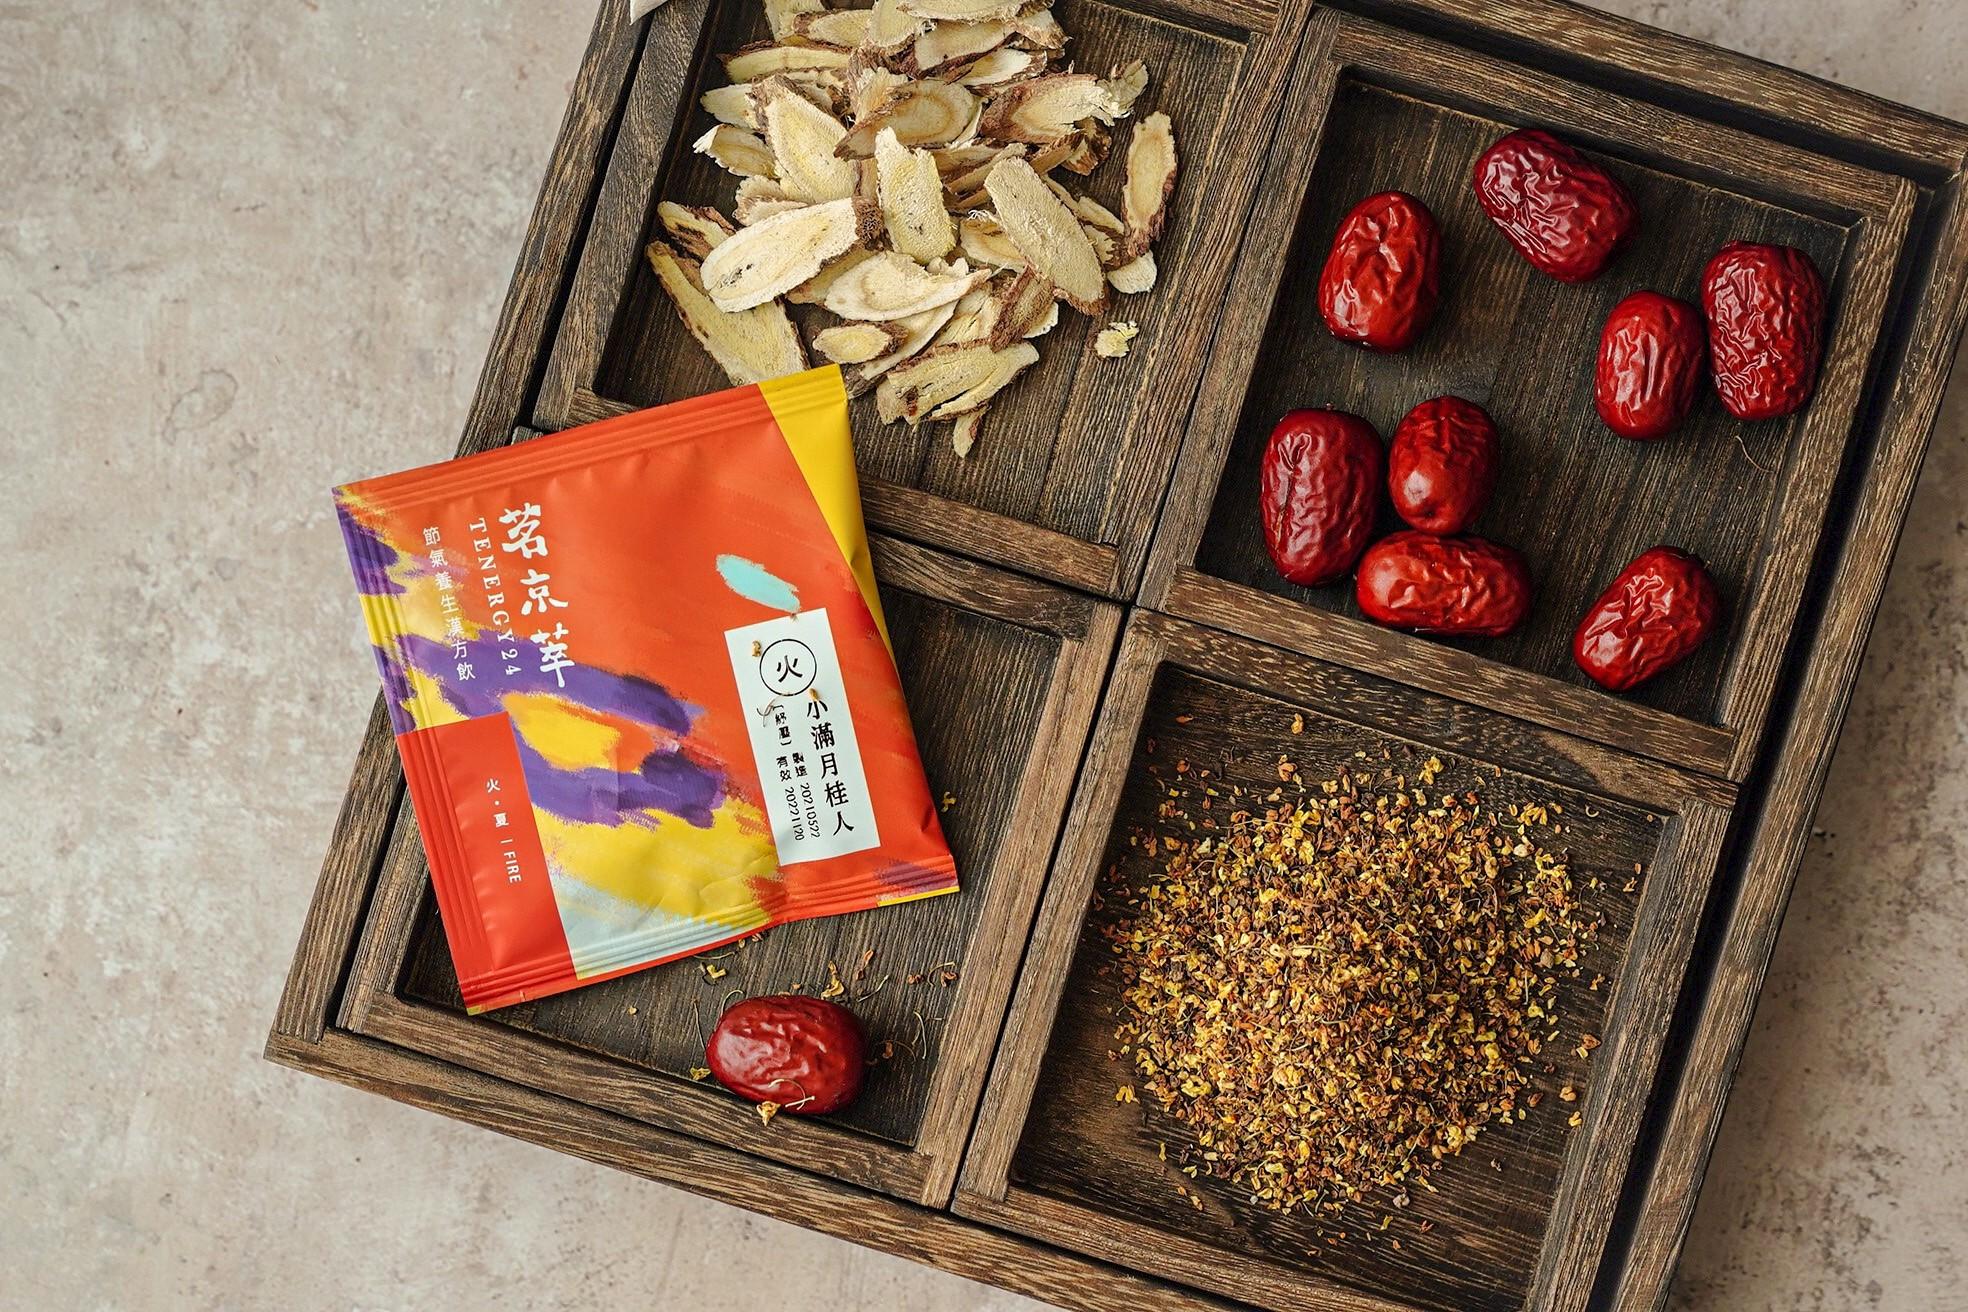 茗京萃 節氣養生漢方飲:防疫就從漢方茶開始,紫蘇薄荷養生防疫茶也可以很好喝!